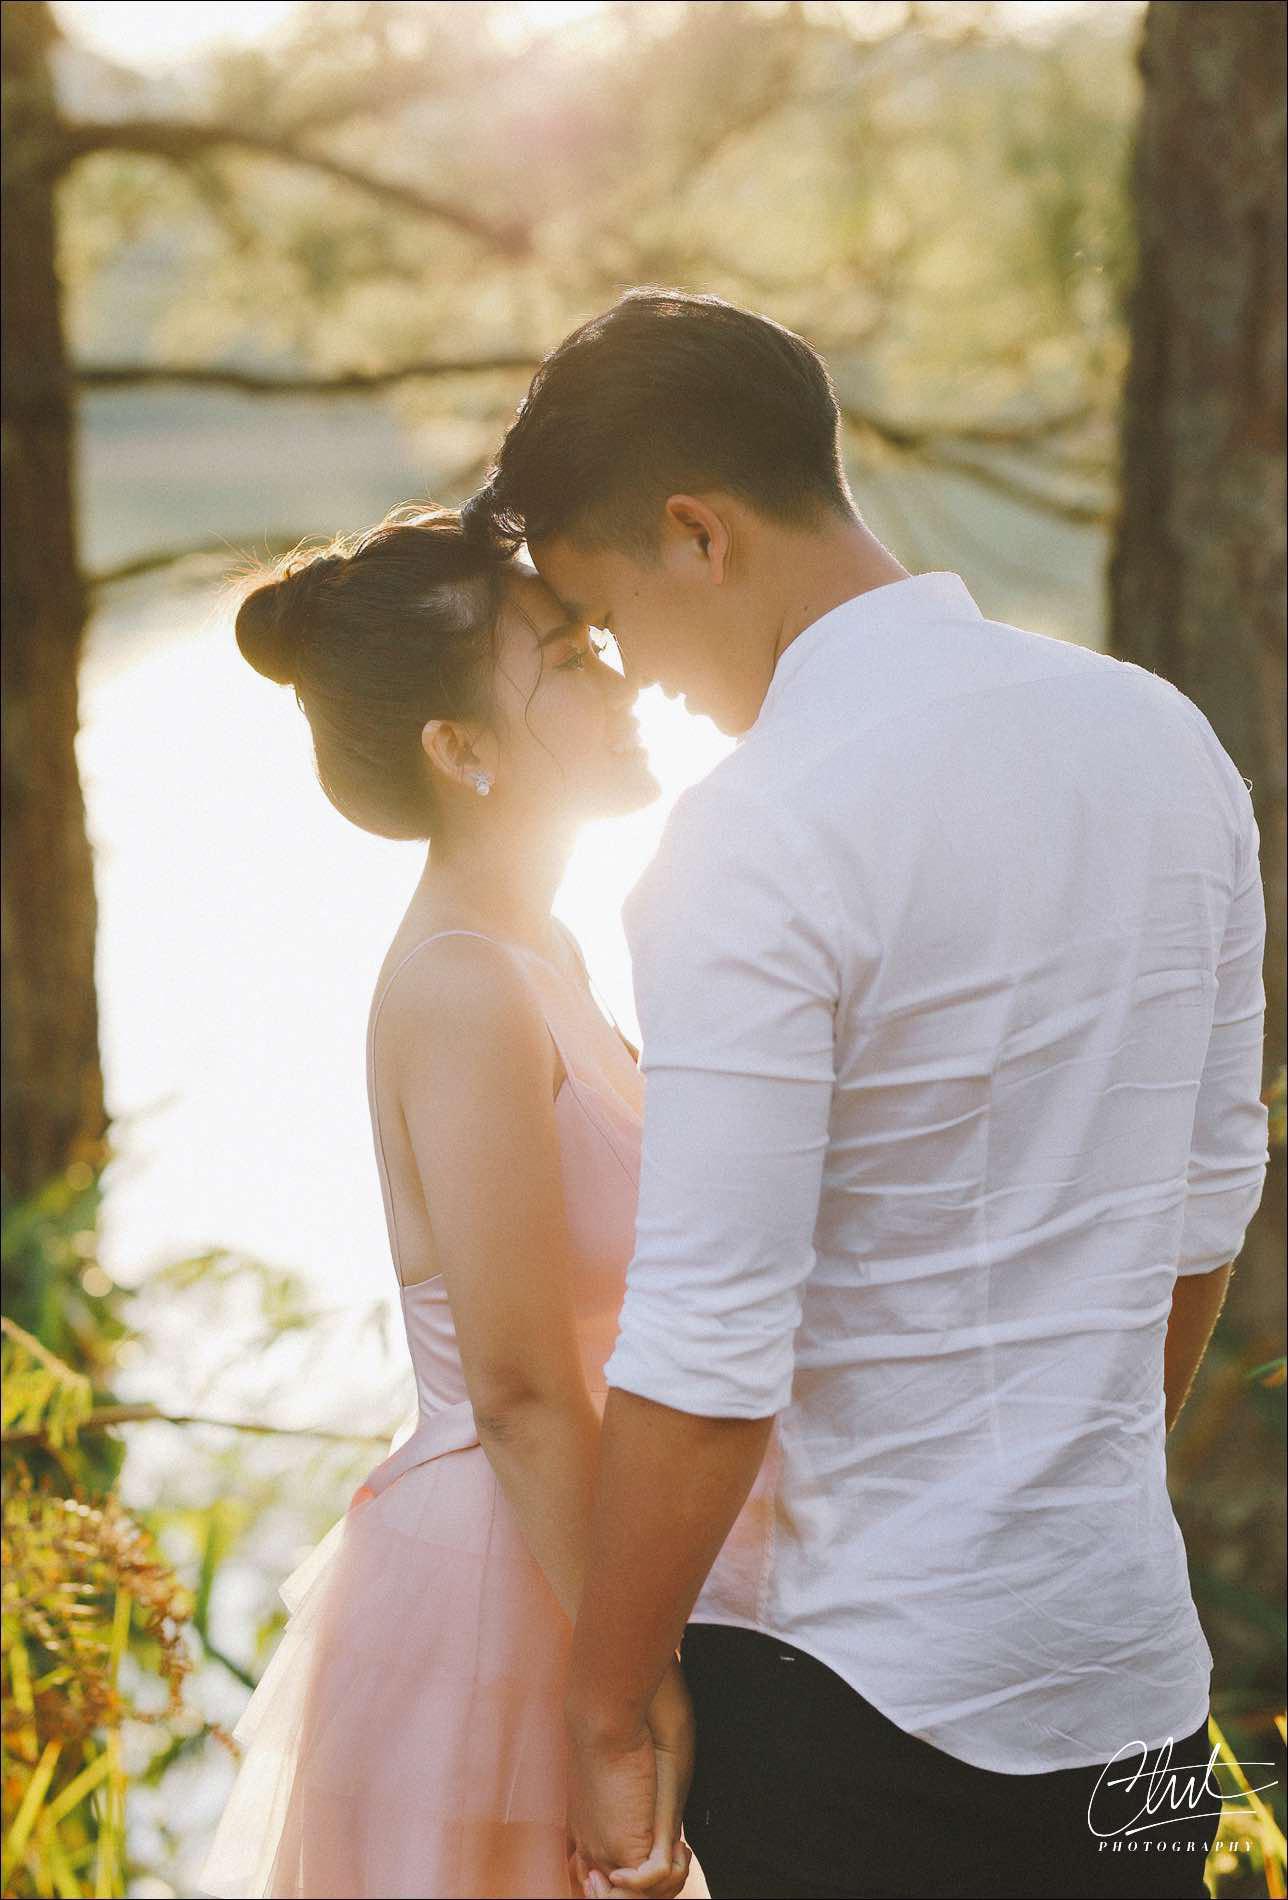 Bộ ảnh cưới 4 mùa bên nhau và cái kết viên mãn của 9 năm thanh xuân - Ảnh 14.